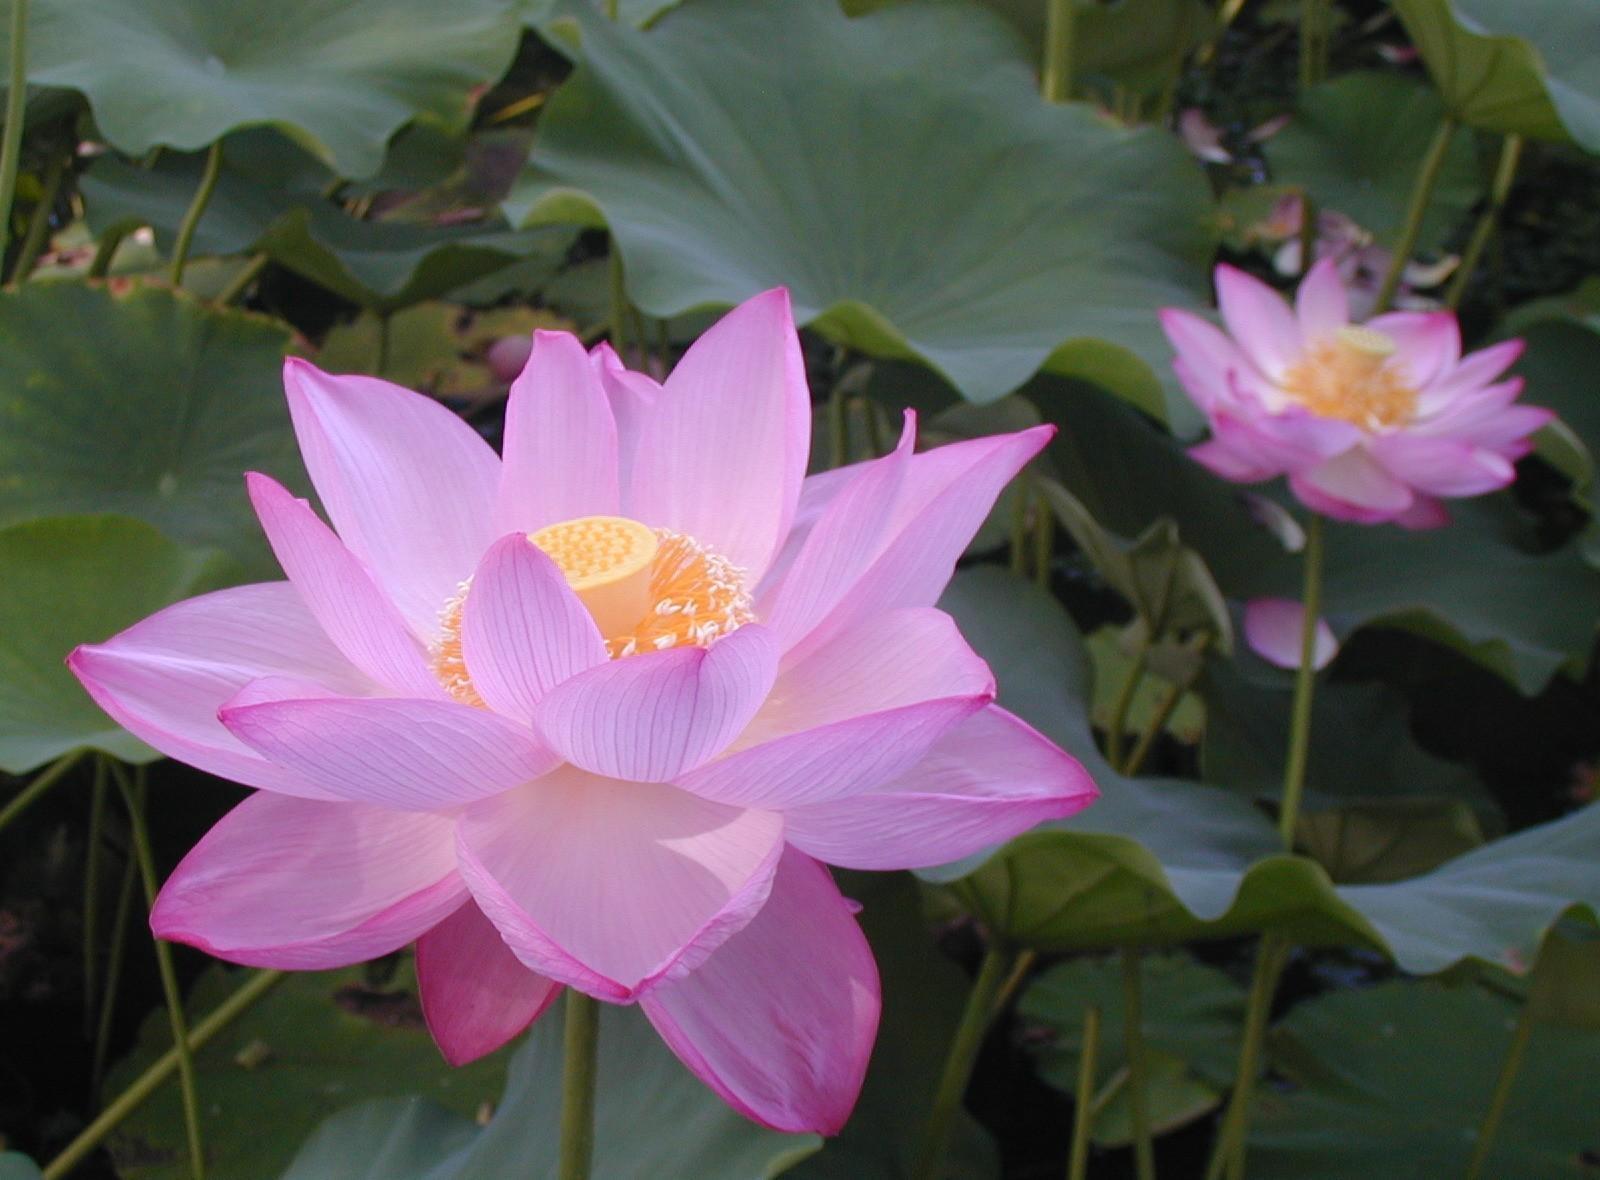 Lotus, pink, leaves, herbs